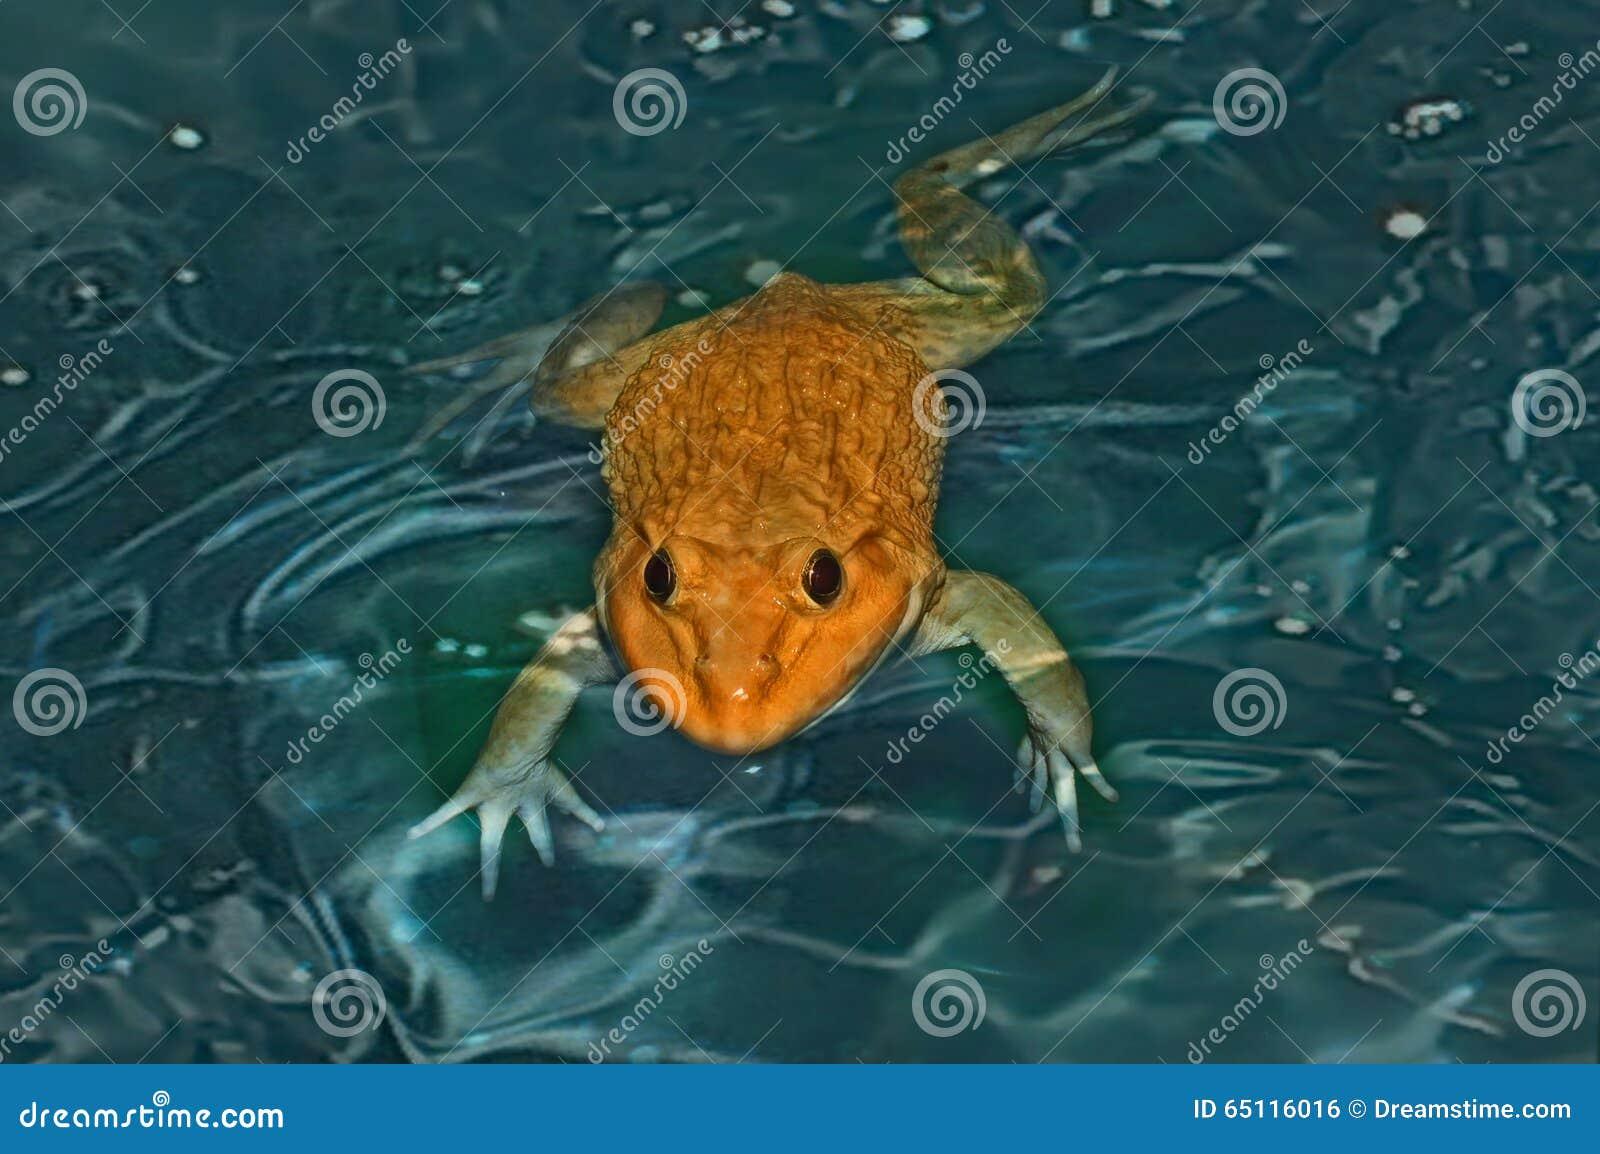 金黄的青蛙 游泳 在鱼池.图片